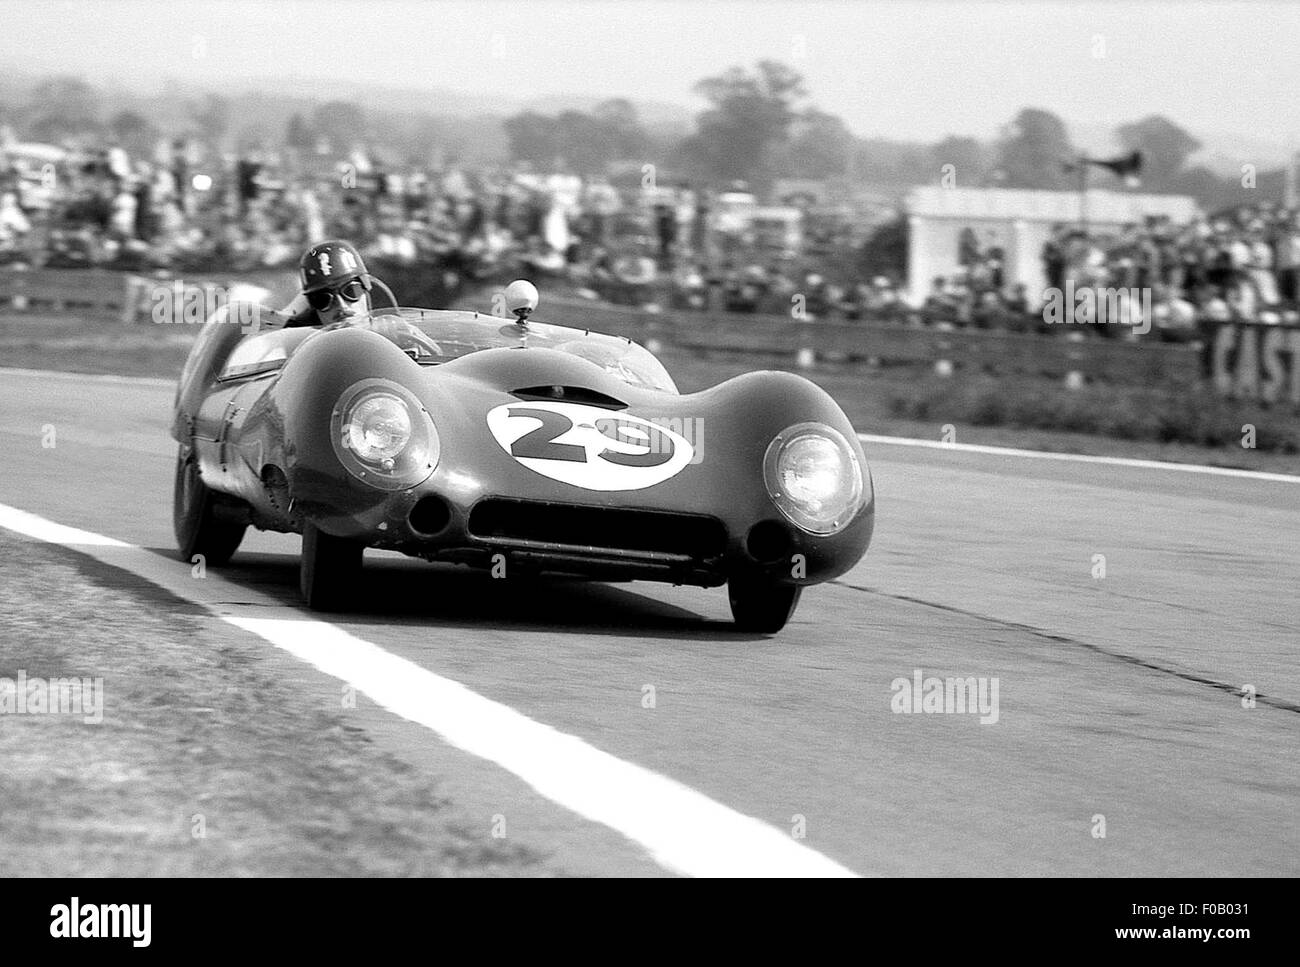 Goodwood Tourist Trophy, 5 de septiembre de 1959. Graham Hill,Alan Stacey Lotus 15 clímax. Imagen De Stock